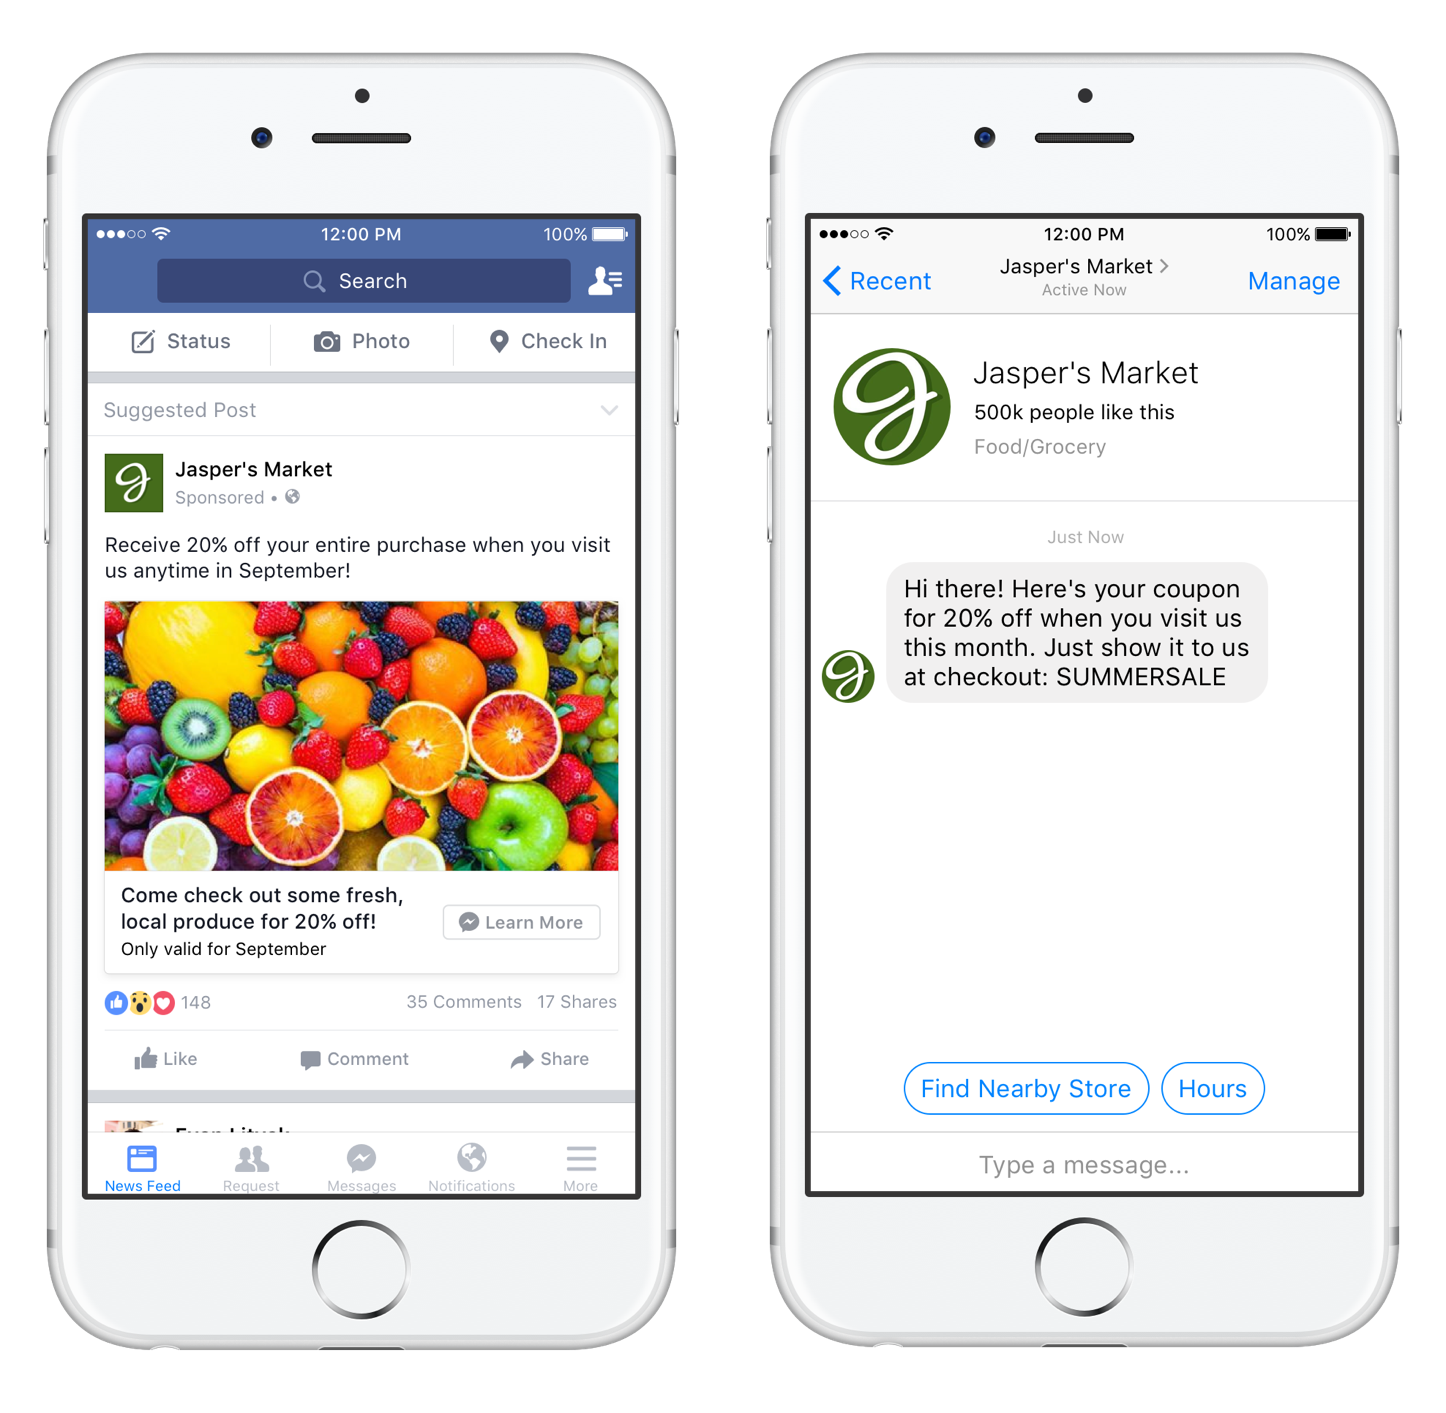 Το Facebook Messenger Destination εν δράσει!